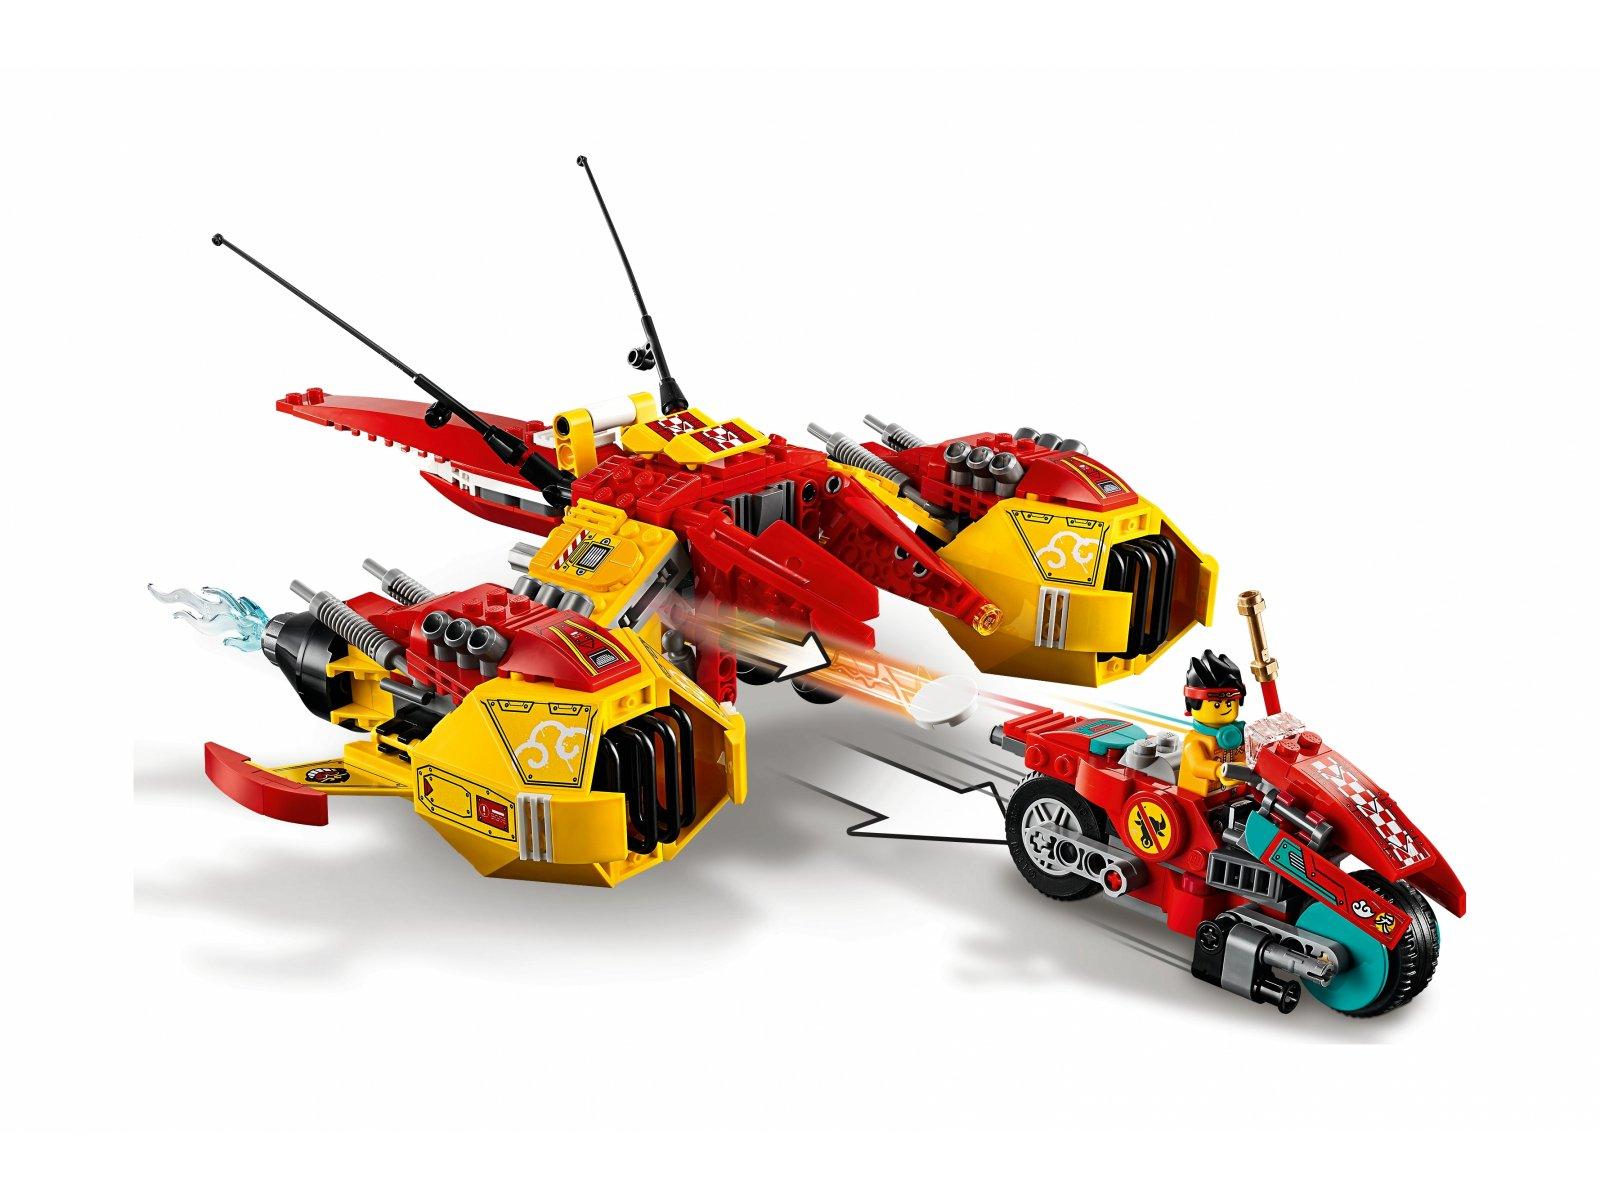 LEGO 80008 Monkie Kid Odrzutowiec Monkie Kida